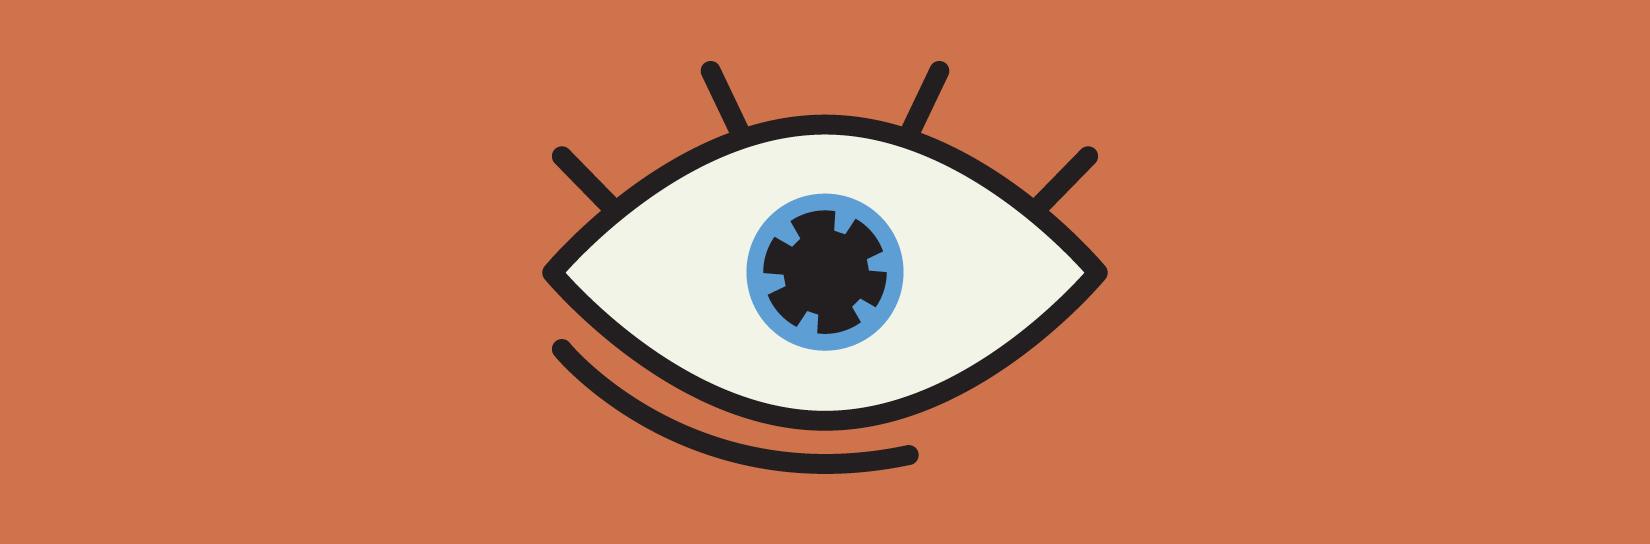 eye banner orange.jpg